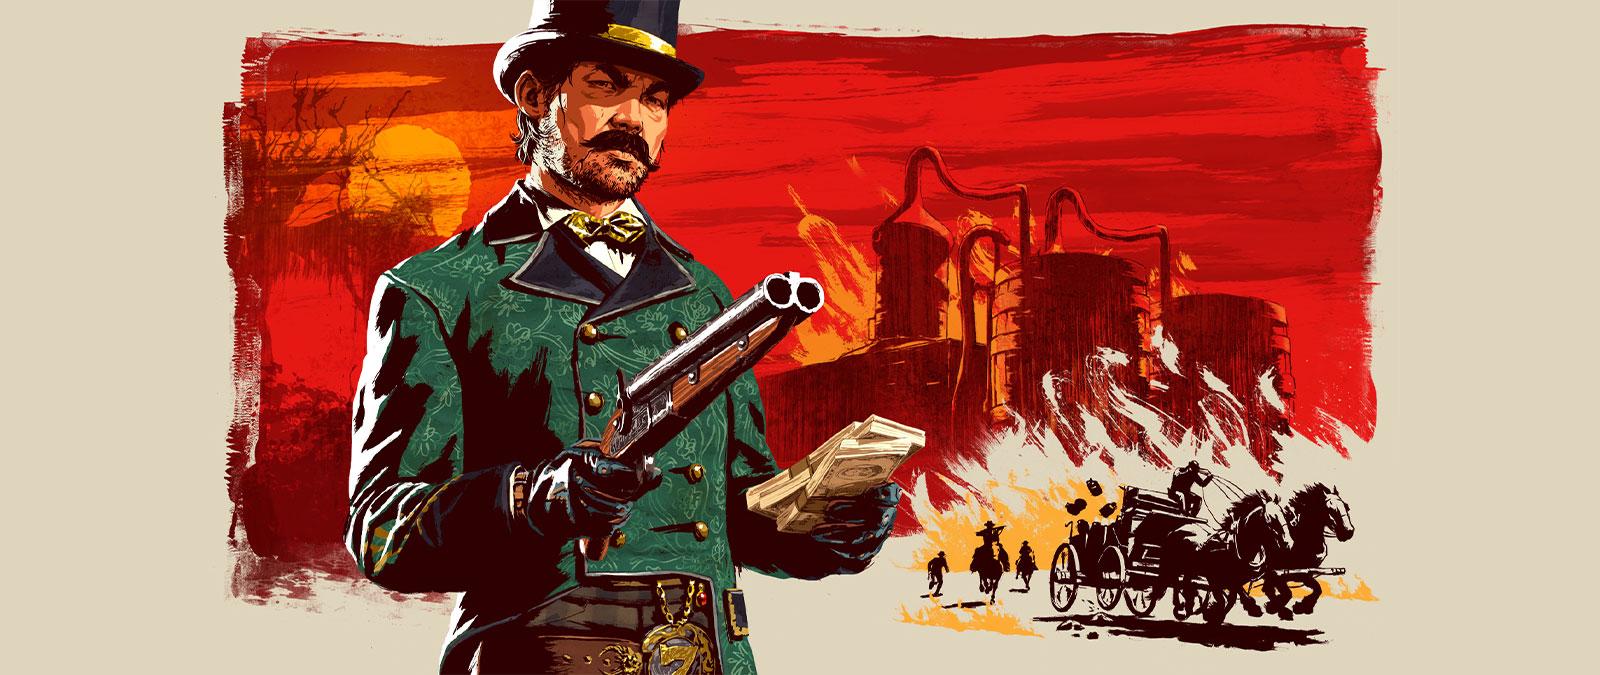 Red Dead Online, Moonshiners, Um homem sinistro segura uma arma na mão e um maço de notas na outra, fundo estilizado com uma destilaria ilegal e uma perseguição com carroças.